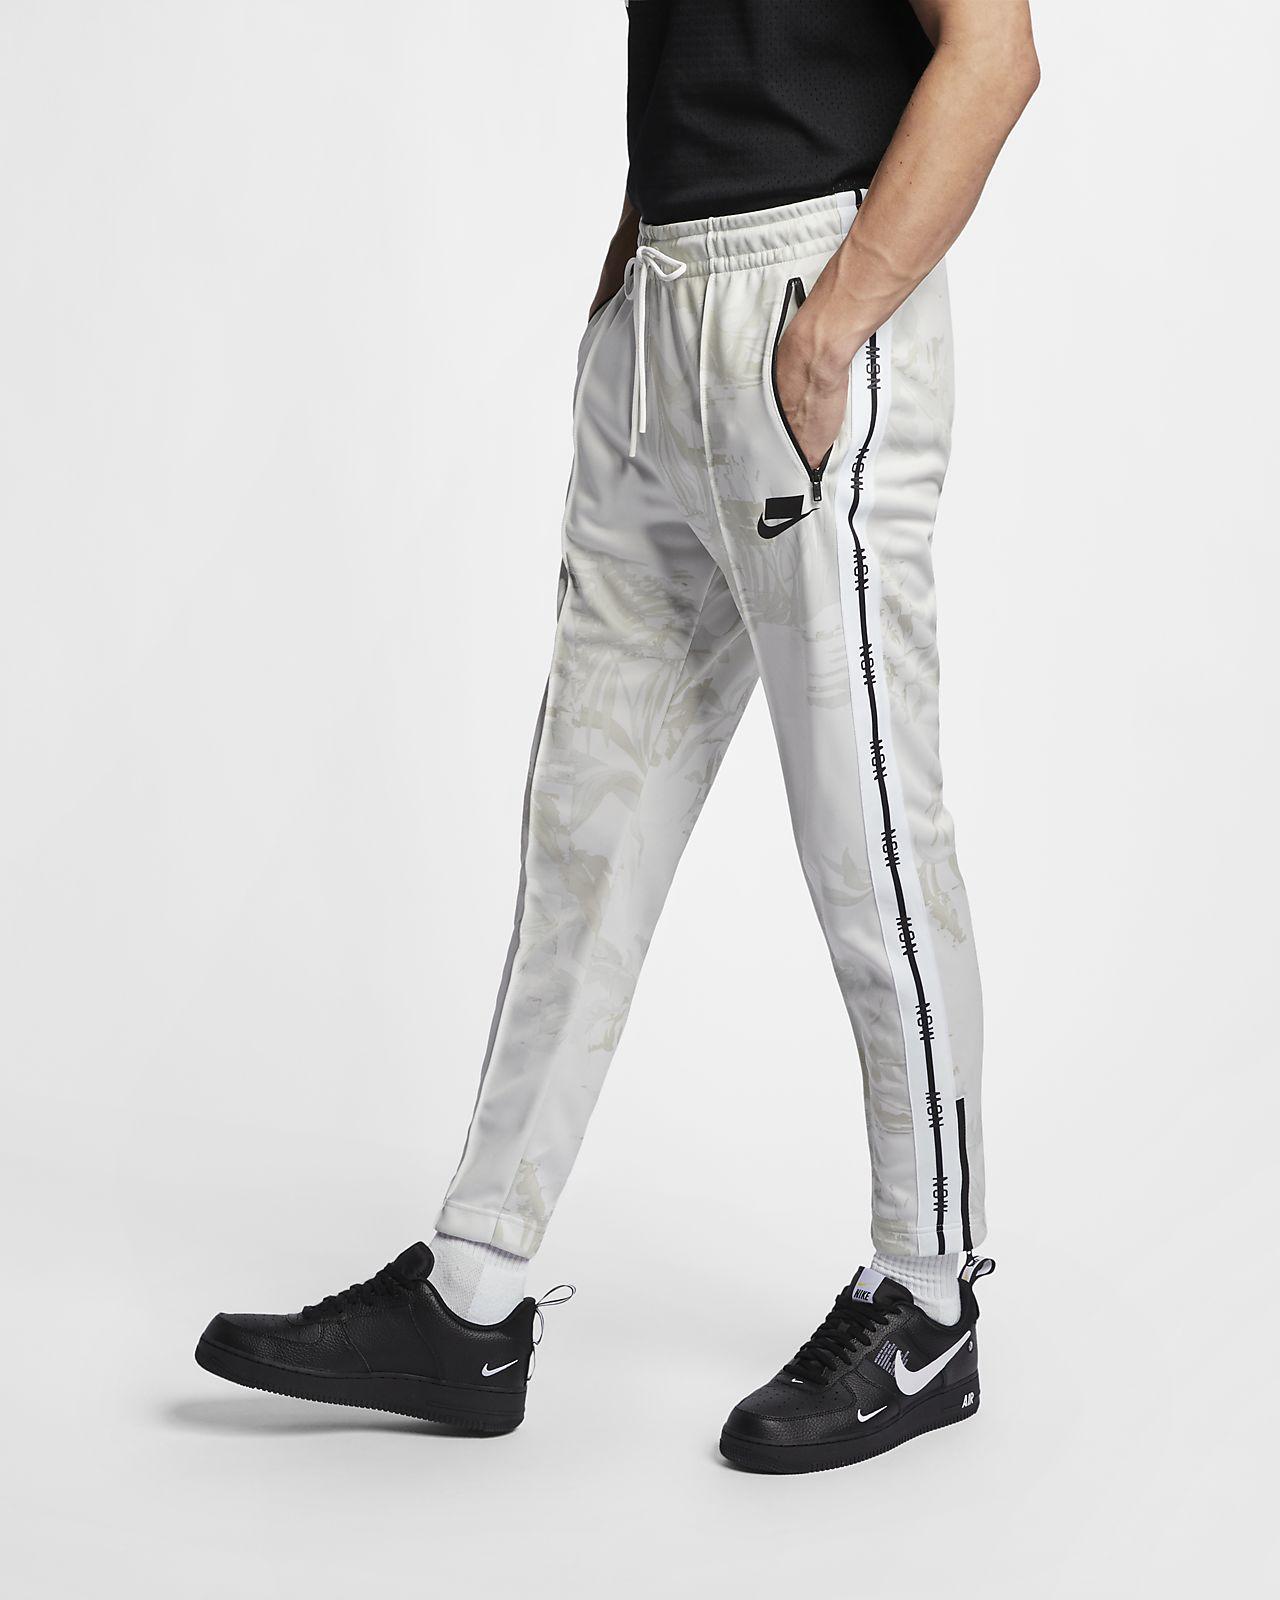 Pantalon de survêtement Nike Sportswear NSW